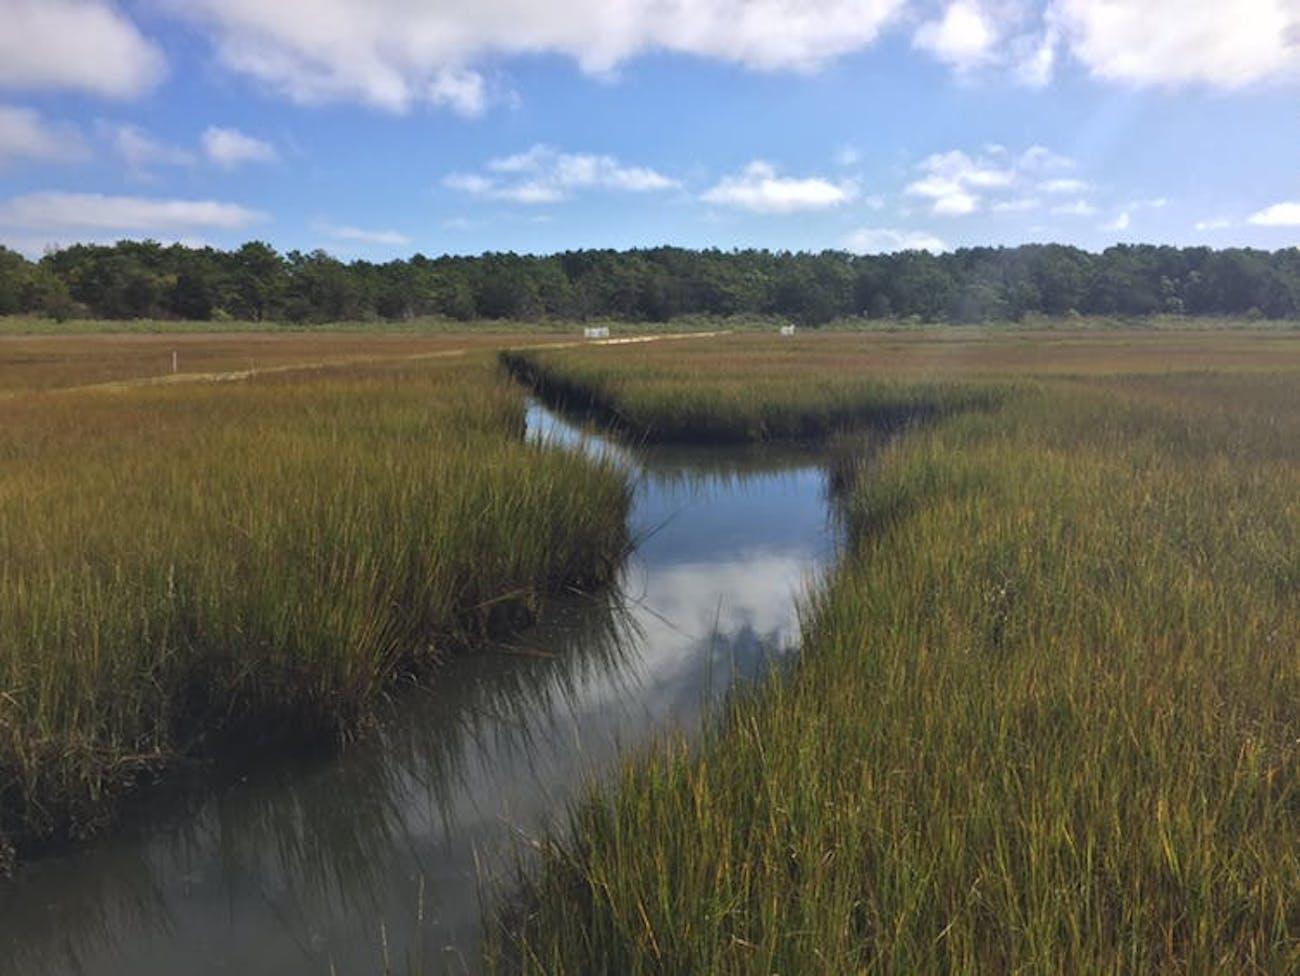 Saltwater wetland, Waquoit Bay Estuarine Research Reserve in Massachusetts.